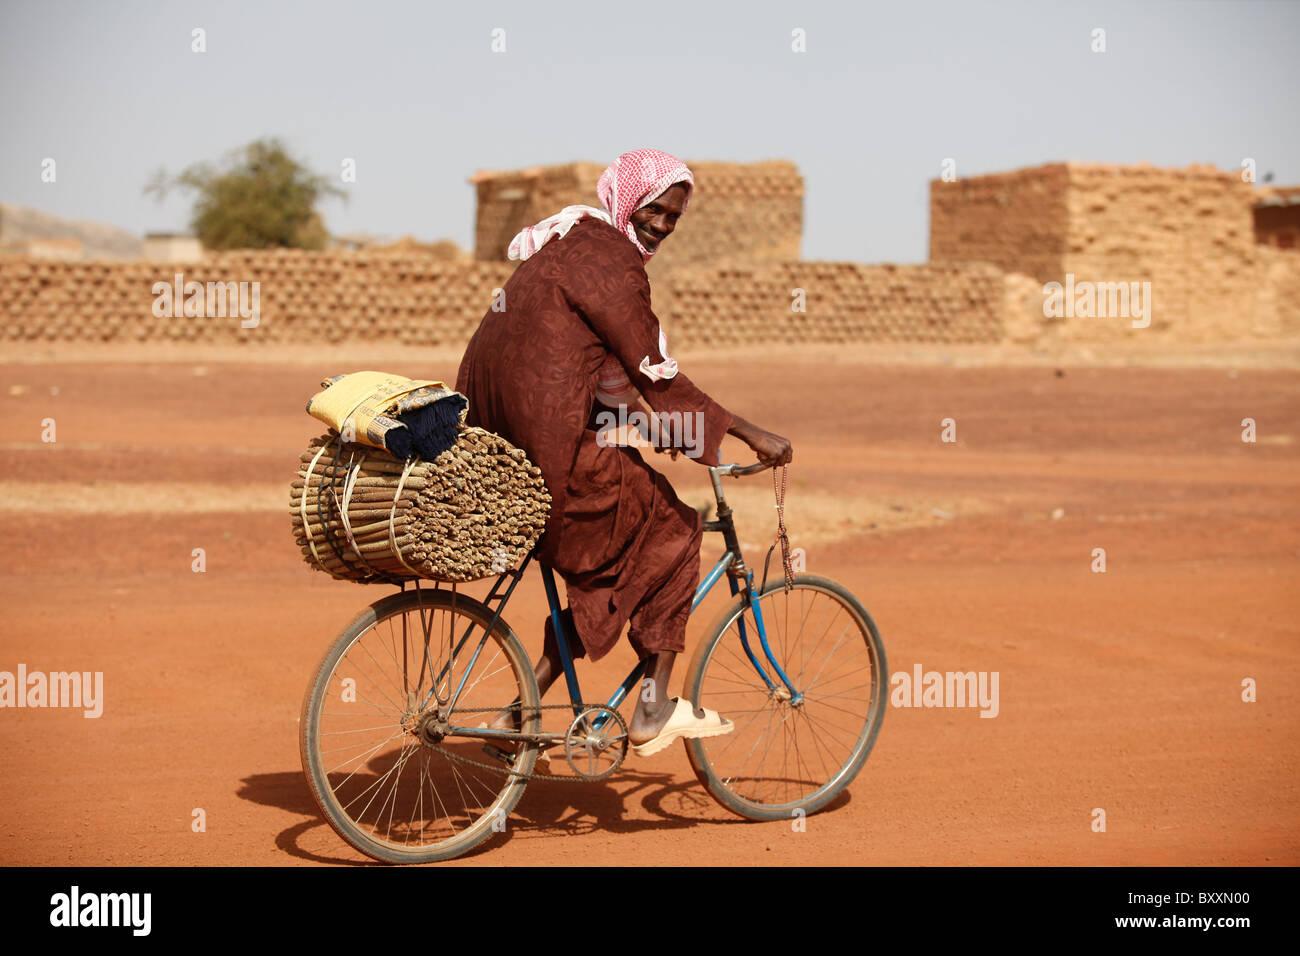 Un homme à travers la ville de Djibo, au Burkina Faso avec le mil récolté sur sa bicyclette. Photo Stock